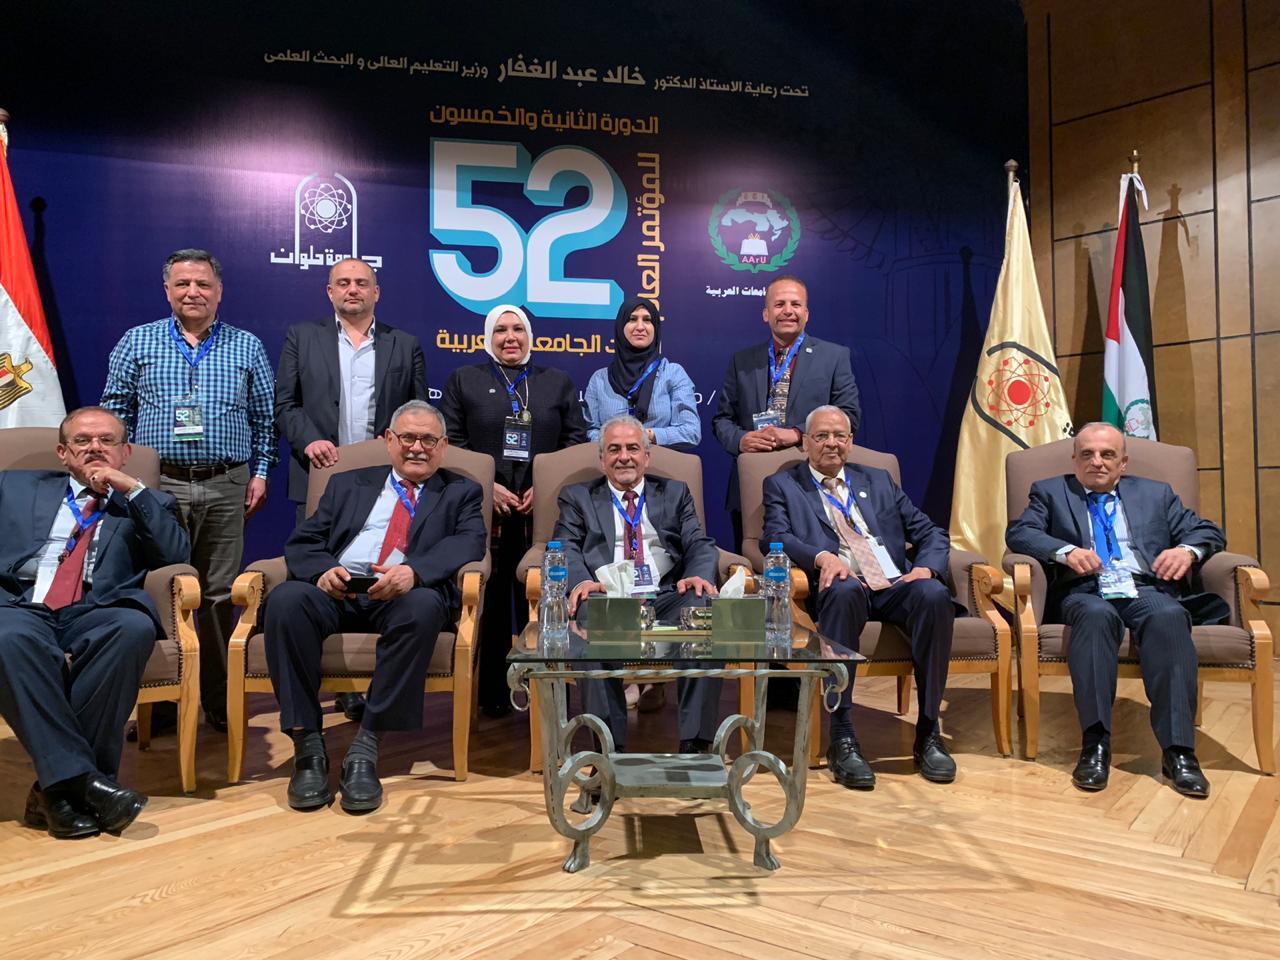 رئيس جامعة عمان الأهلية يترأس الاجتماع الأول للجنة المجالس والمراكز باتحاد الجامعات العربية في شرم الشيخ